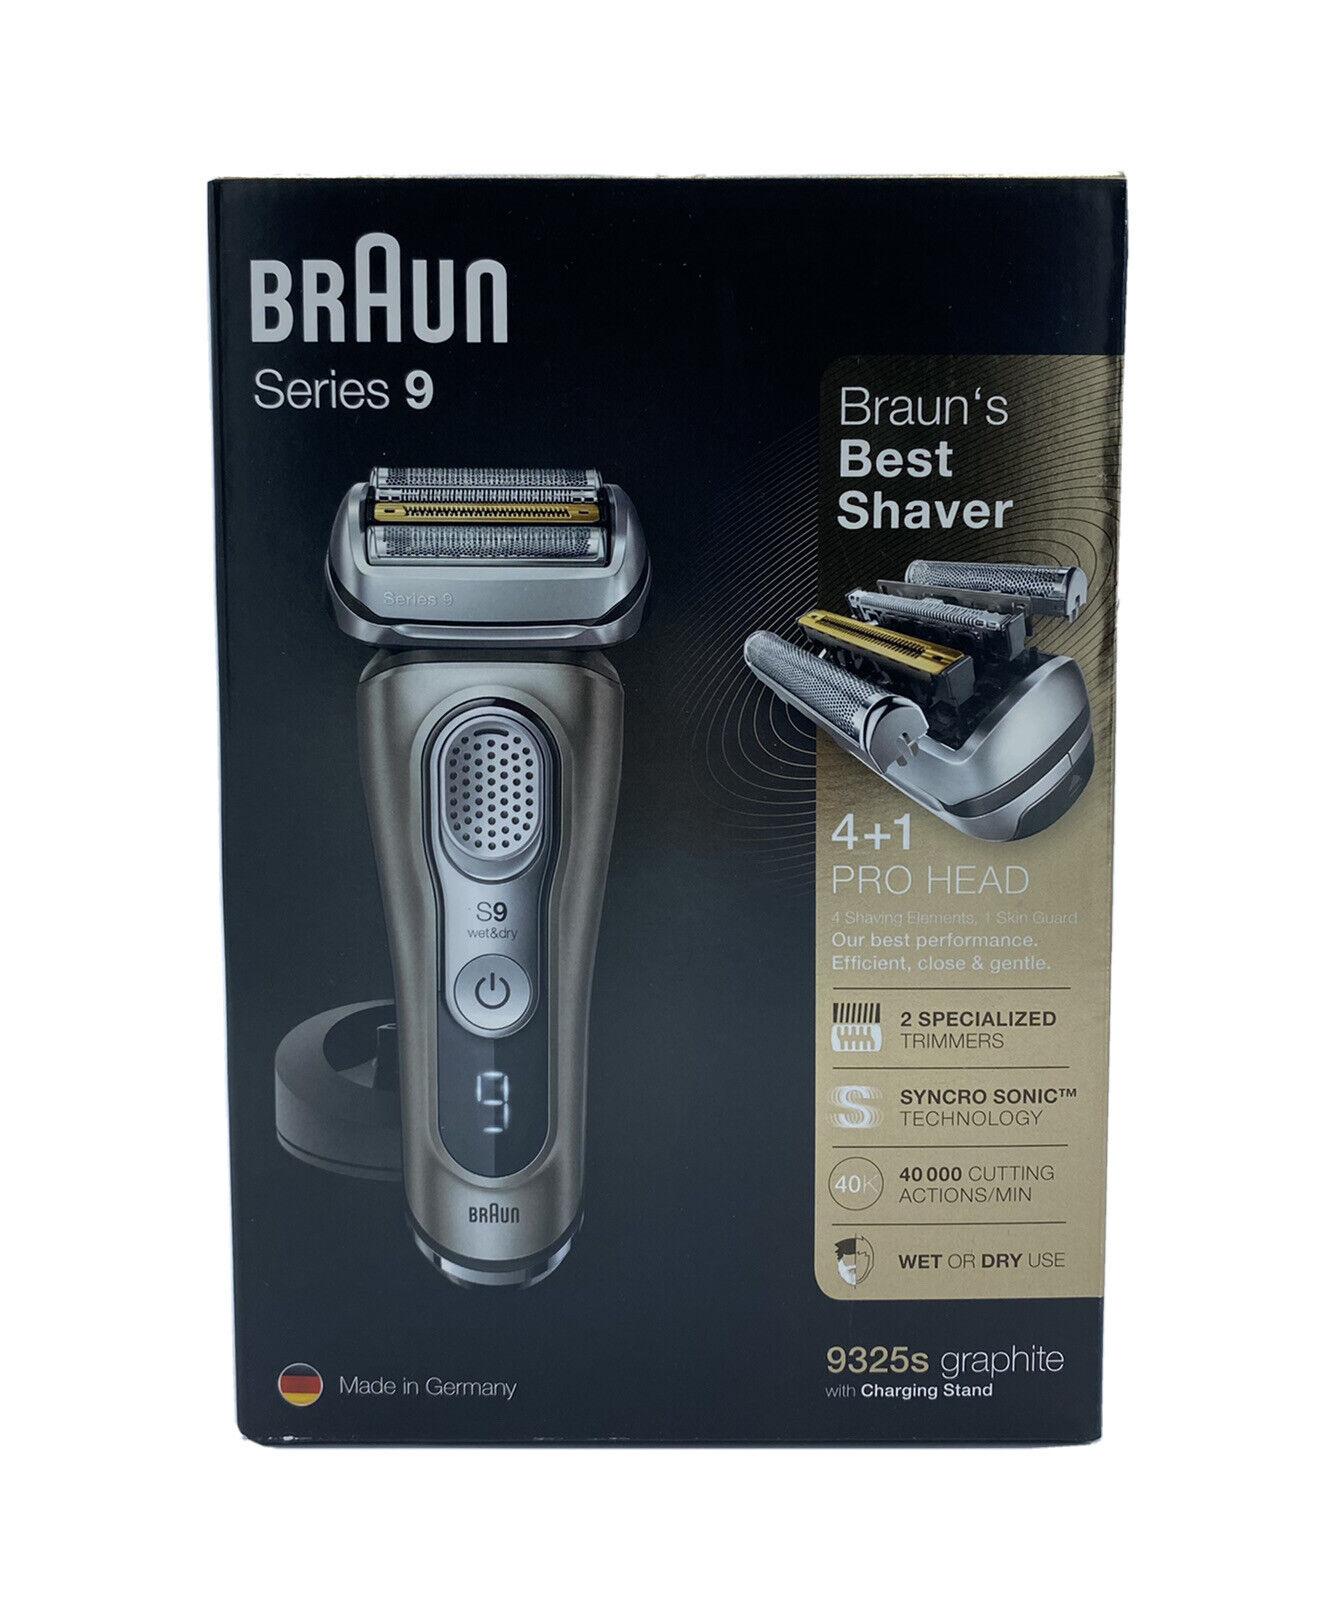 Braun Series 9 9325s Graphite Herrenrasierer elektrischer Rasierer Rasierappart